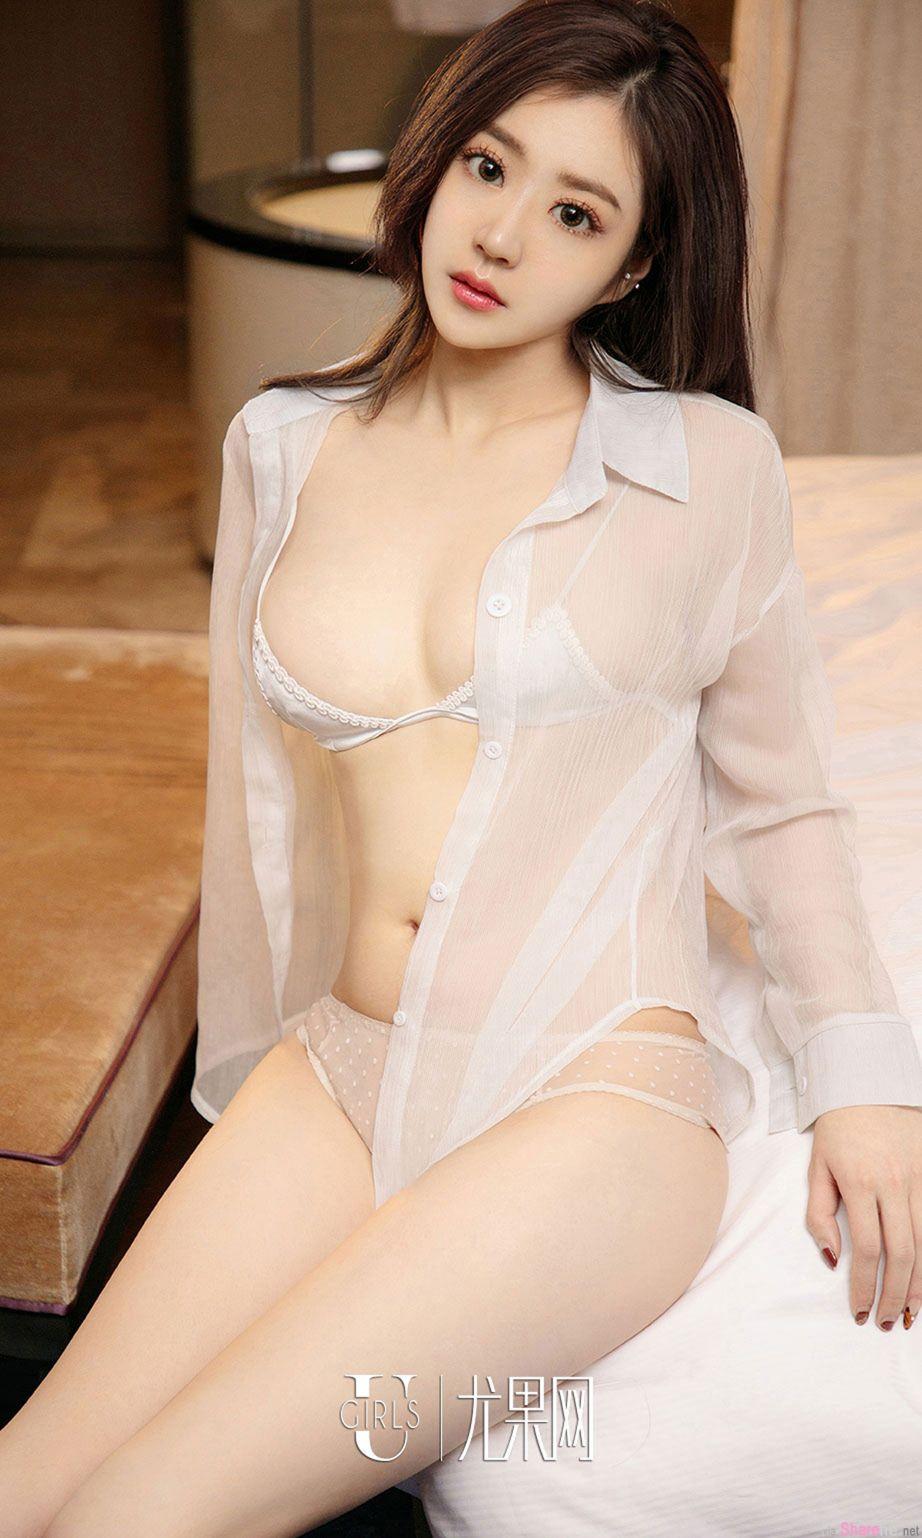 中国写真女神「妮可」,浑圆美尻极致诱惑